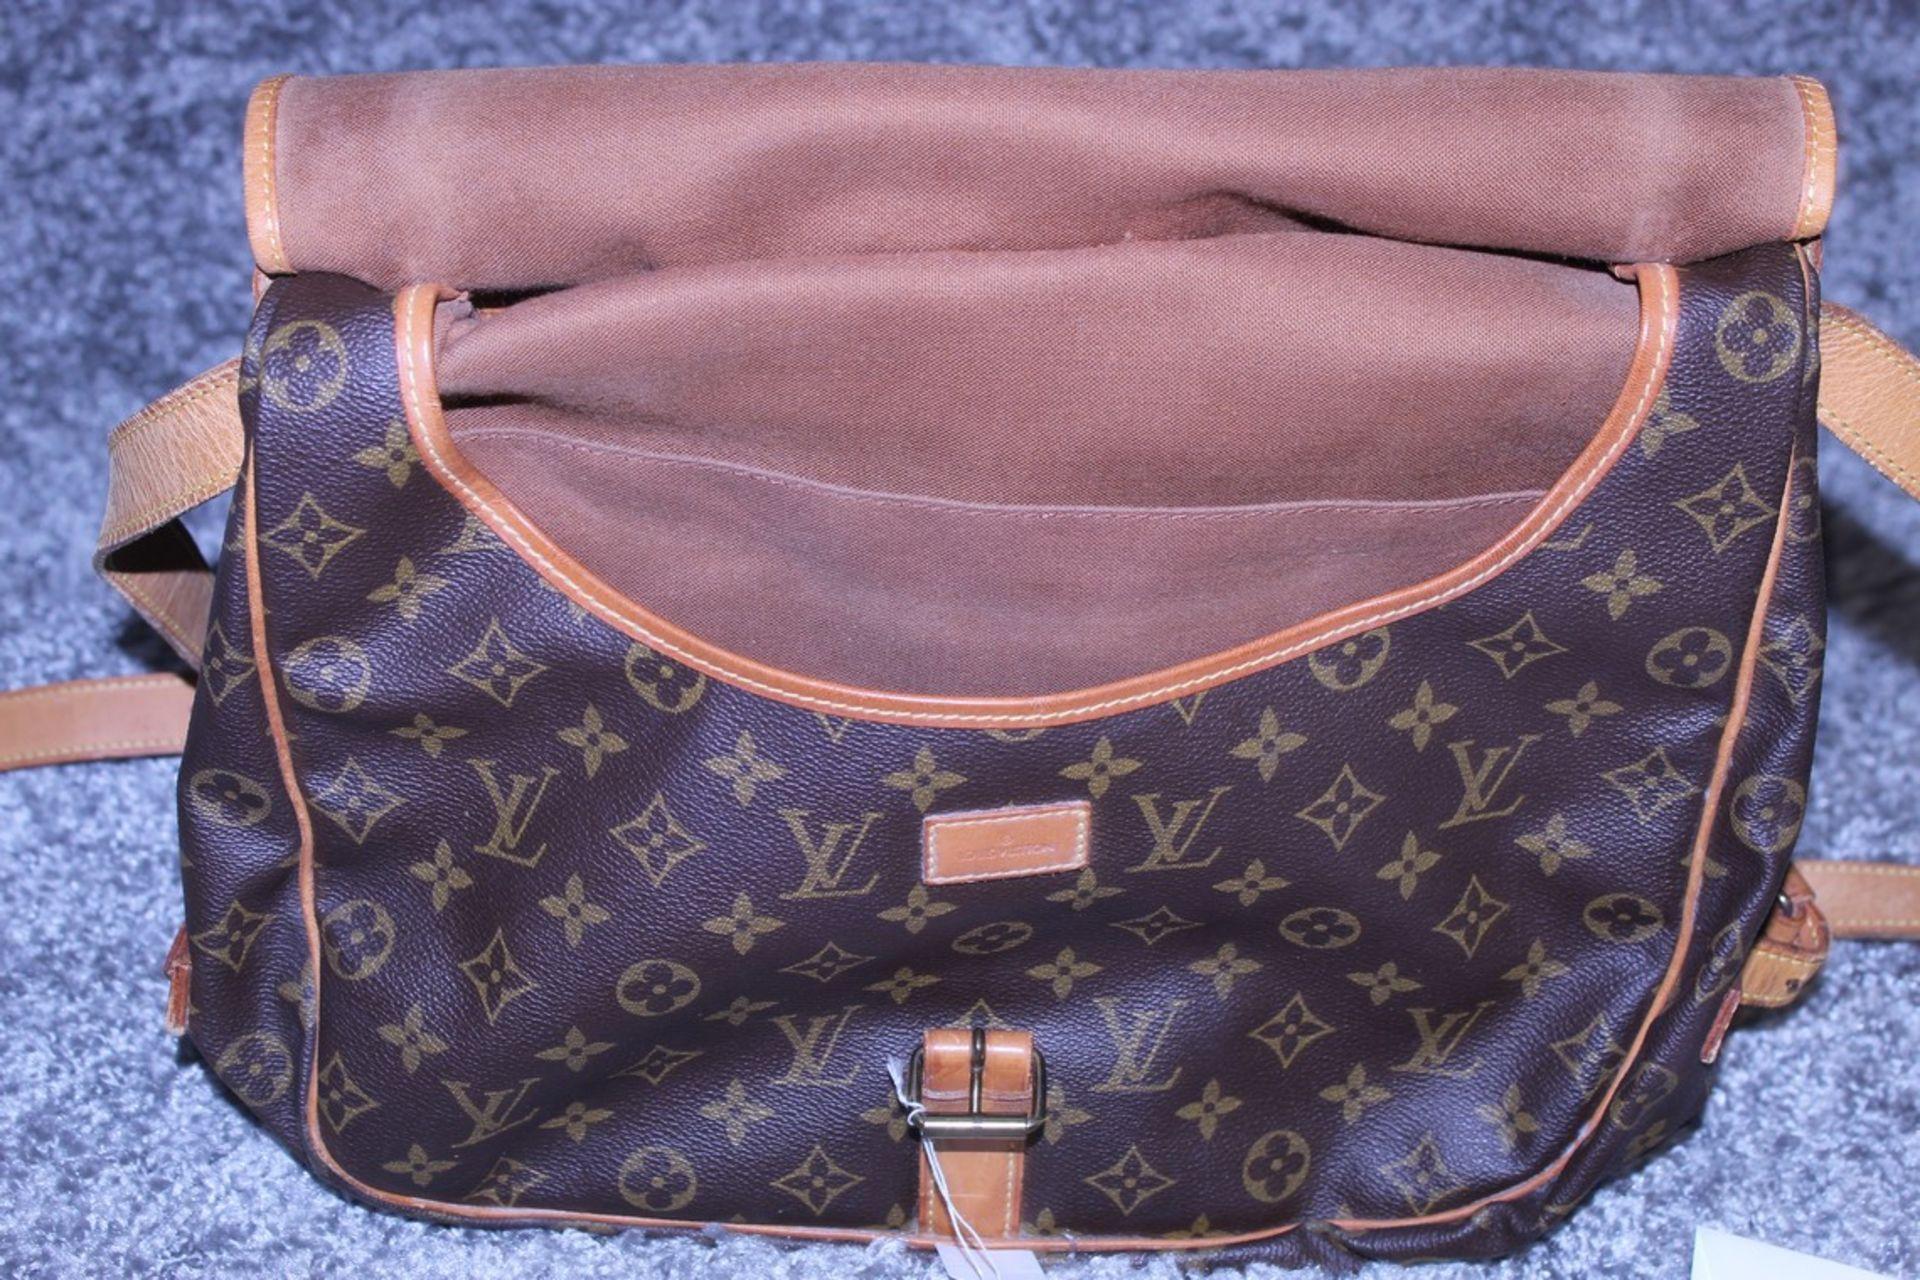 RRP £1,500 Louis Vuitton Saumur 30 Shoulder Bag, Monogram Canvas, Vachetta Handles, 30X27X17Cm ( - Image 3 of 4